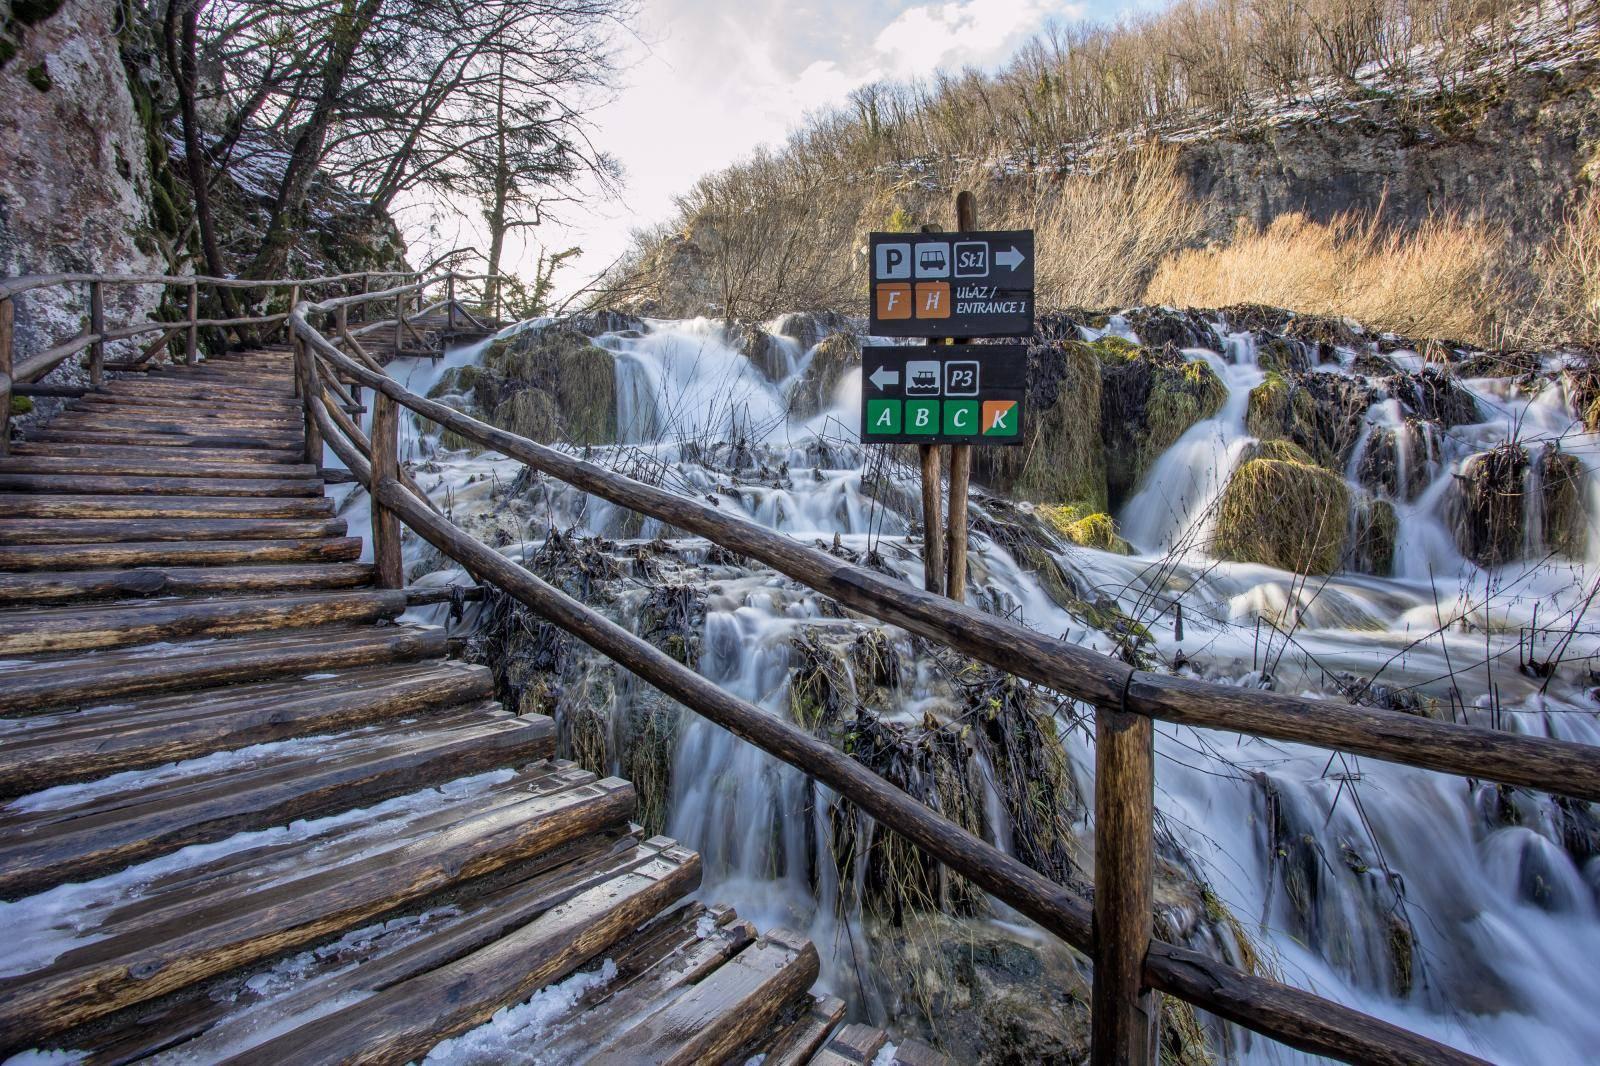 Opasno za posjetitelje: Veliki slap je nedostupan zbog leda